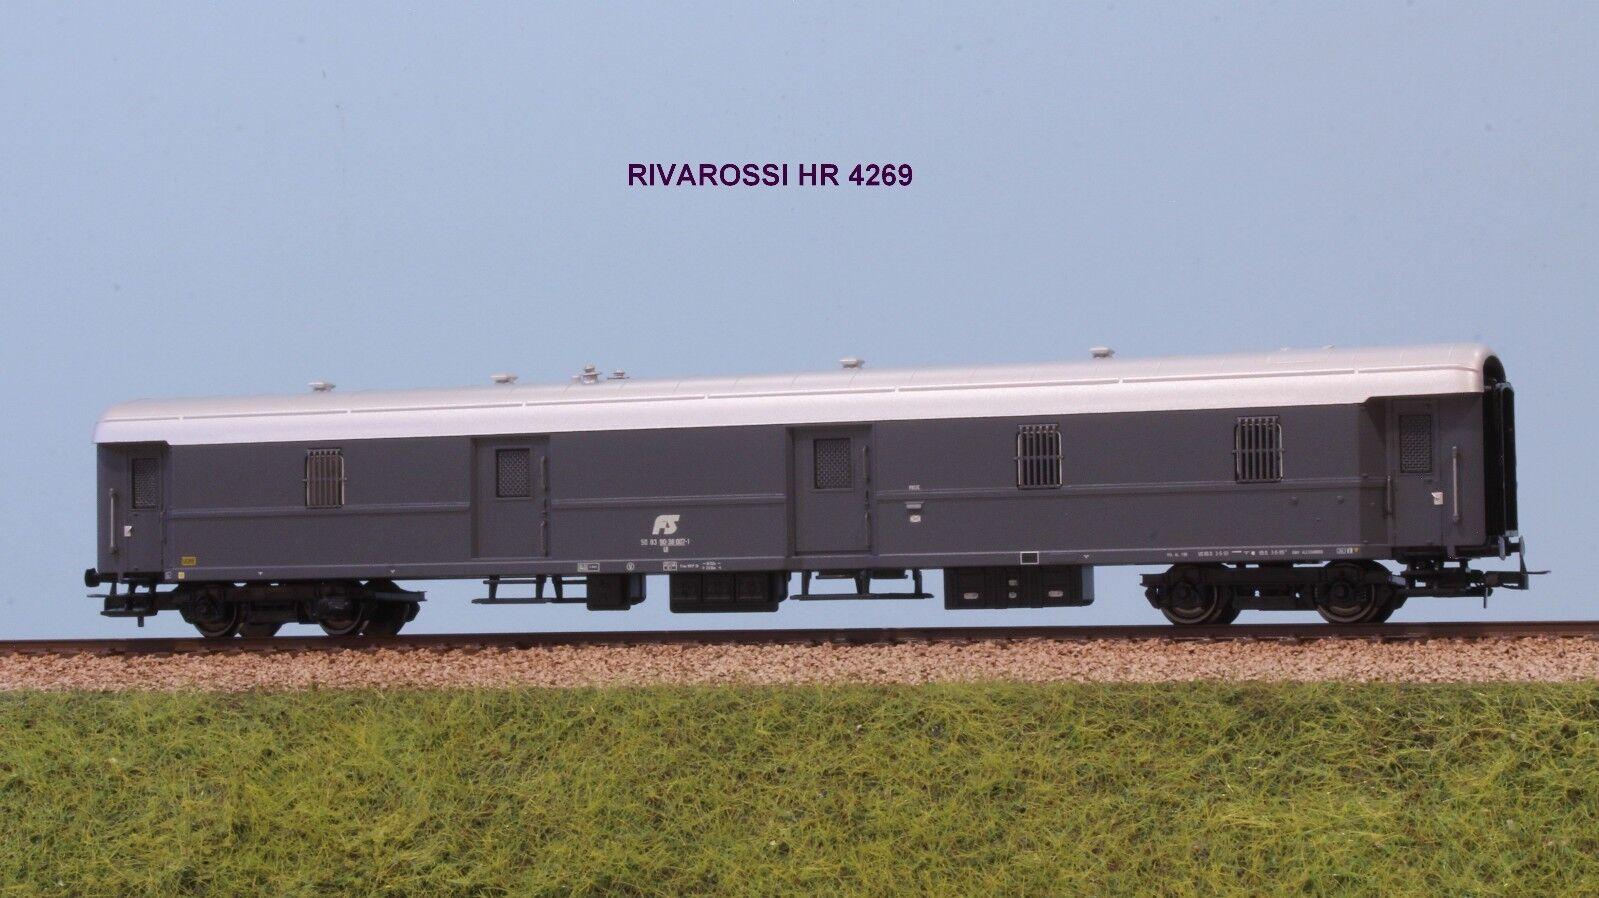 RIVAROSSI HR 4269 FS Borsaagliaio tipo 1949 livrea grigia logo inclinato ep. IV